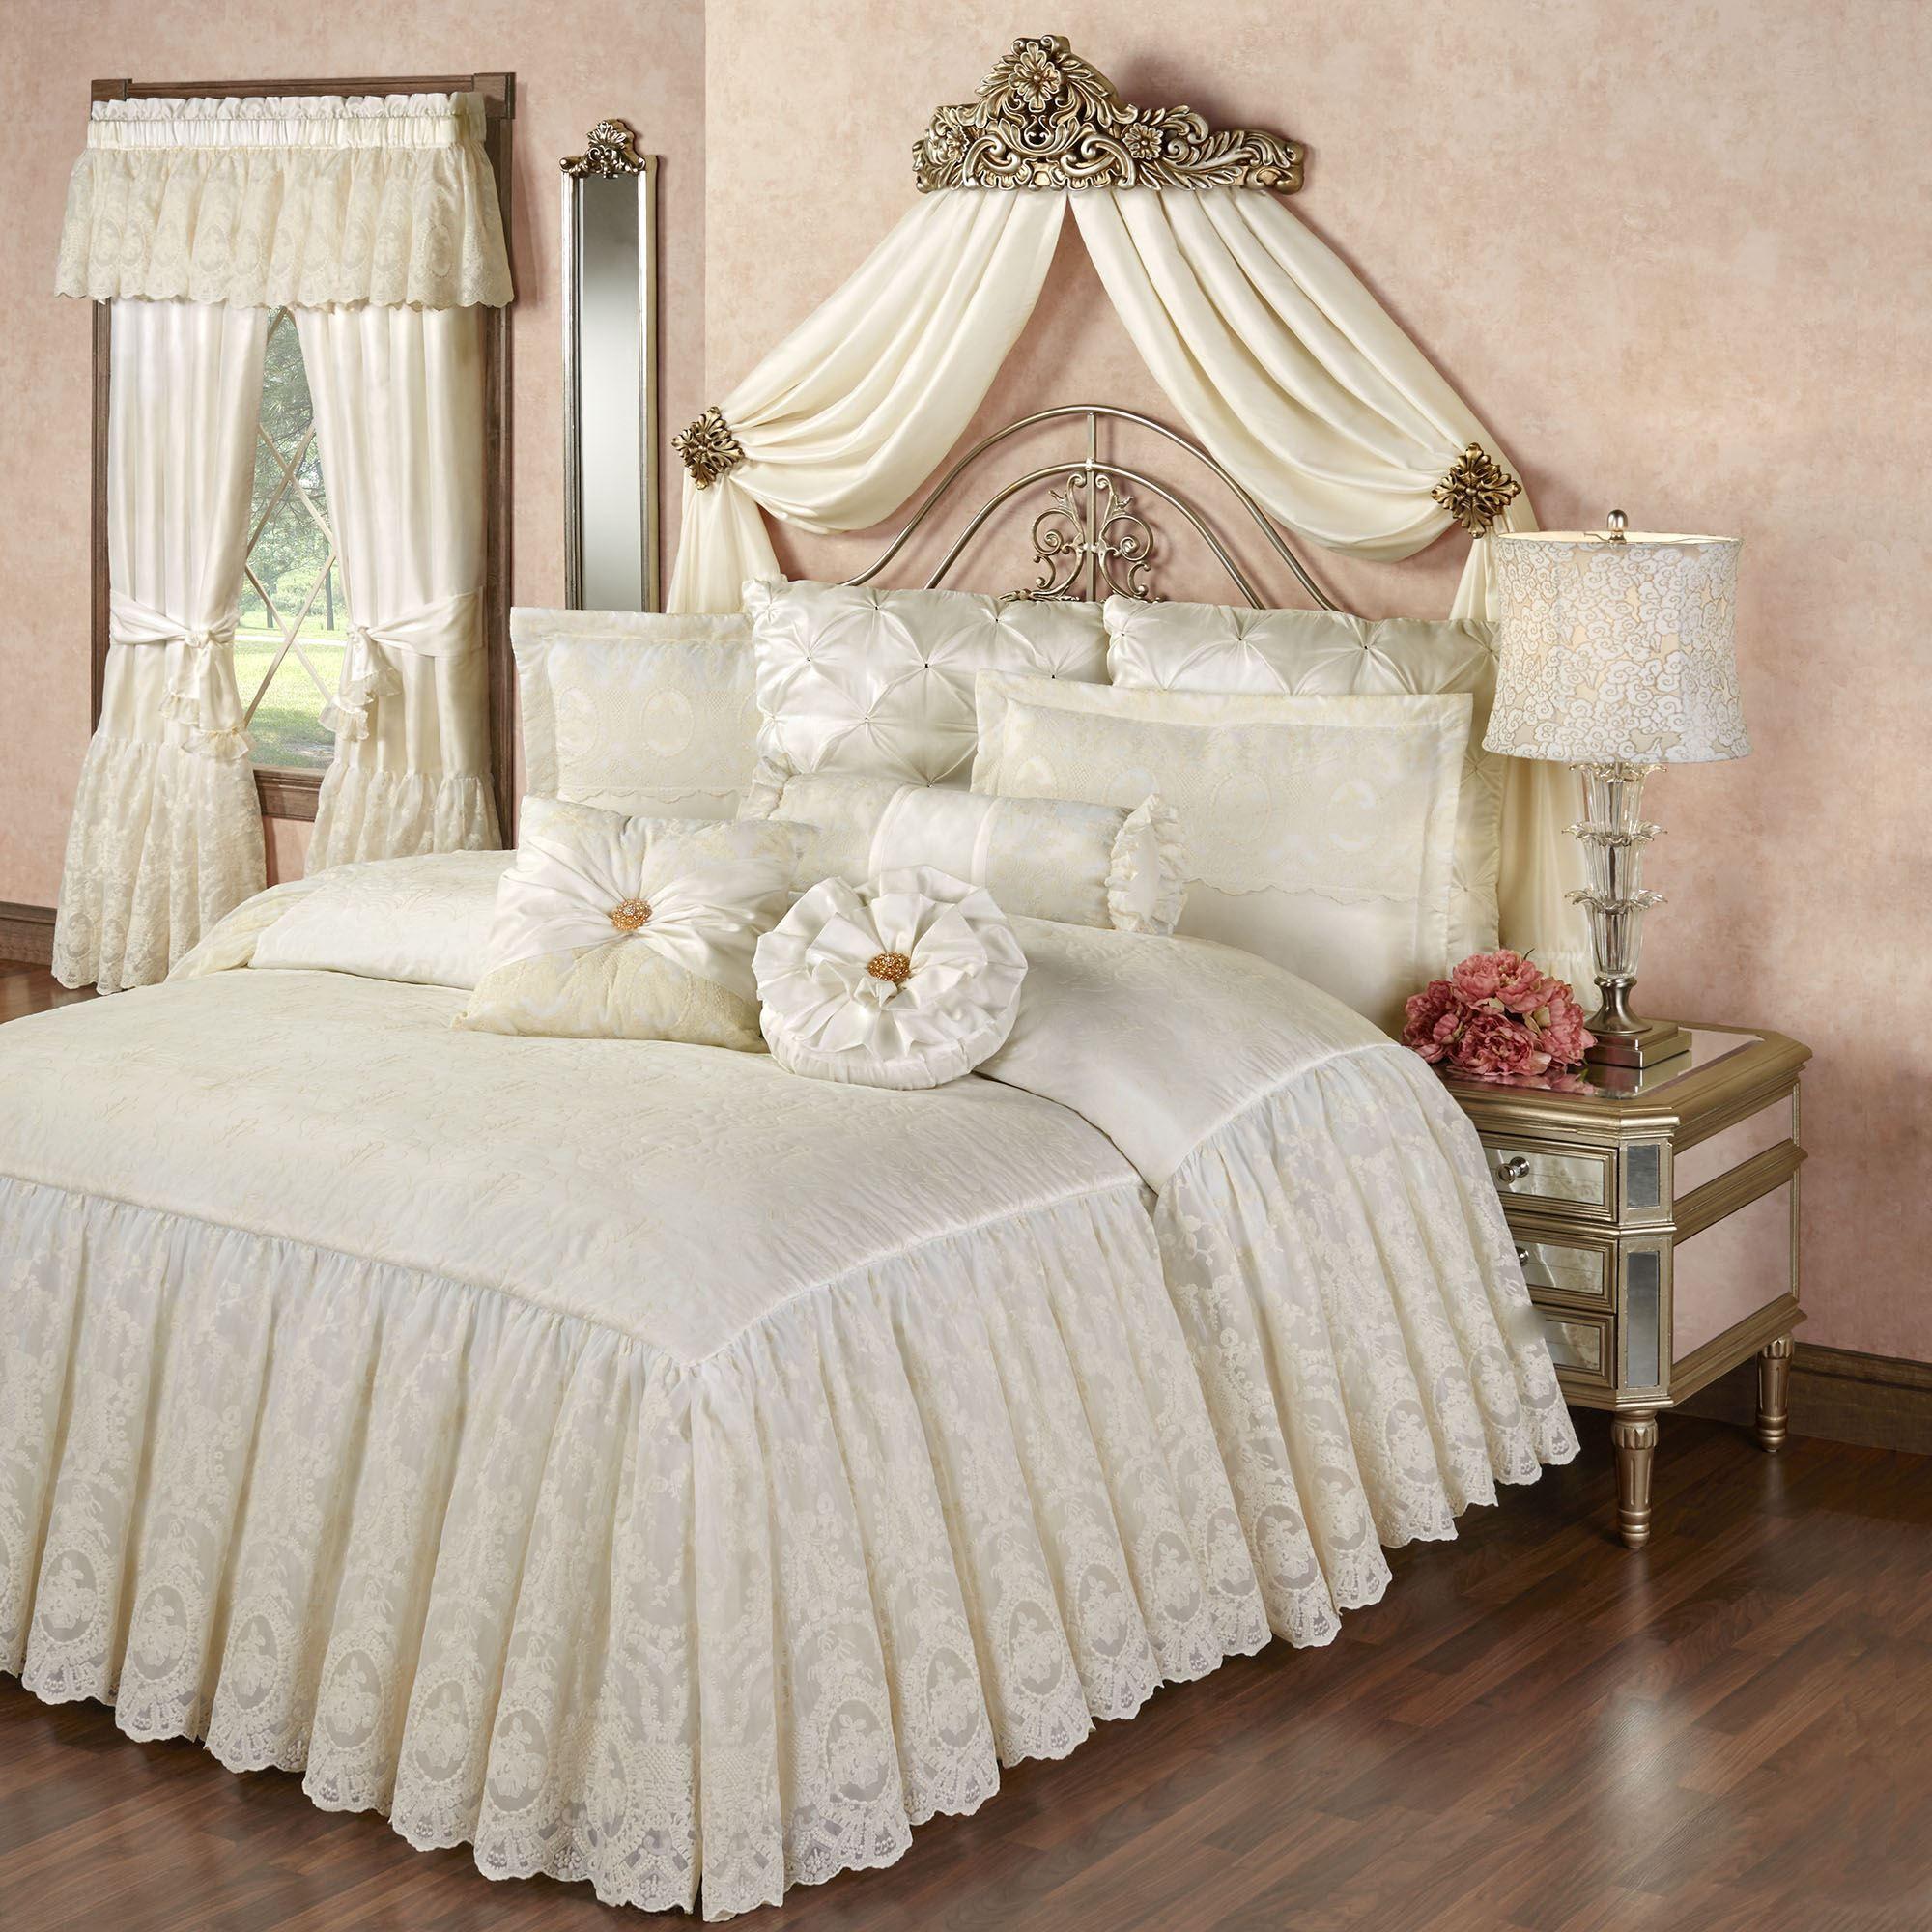 Cameo Lace Romantic Vintage Style Grande Bedspread Bedding